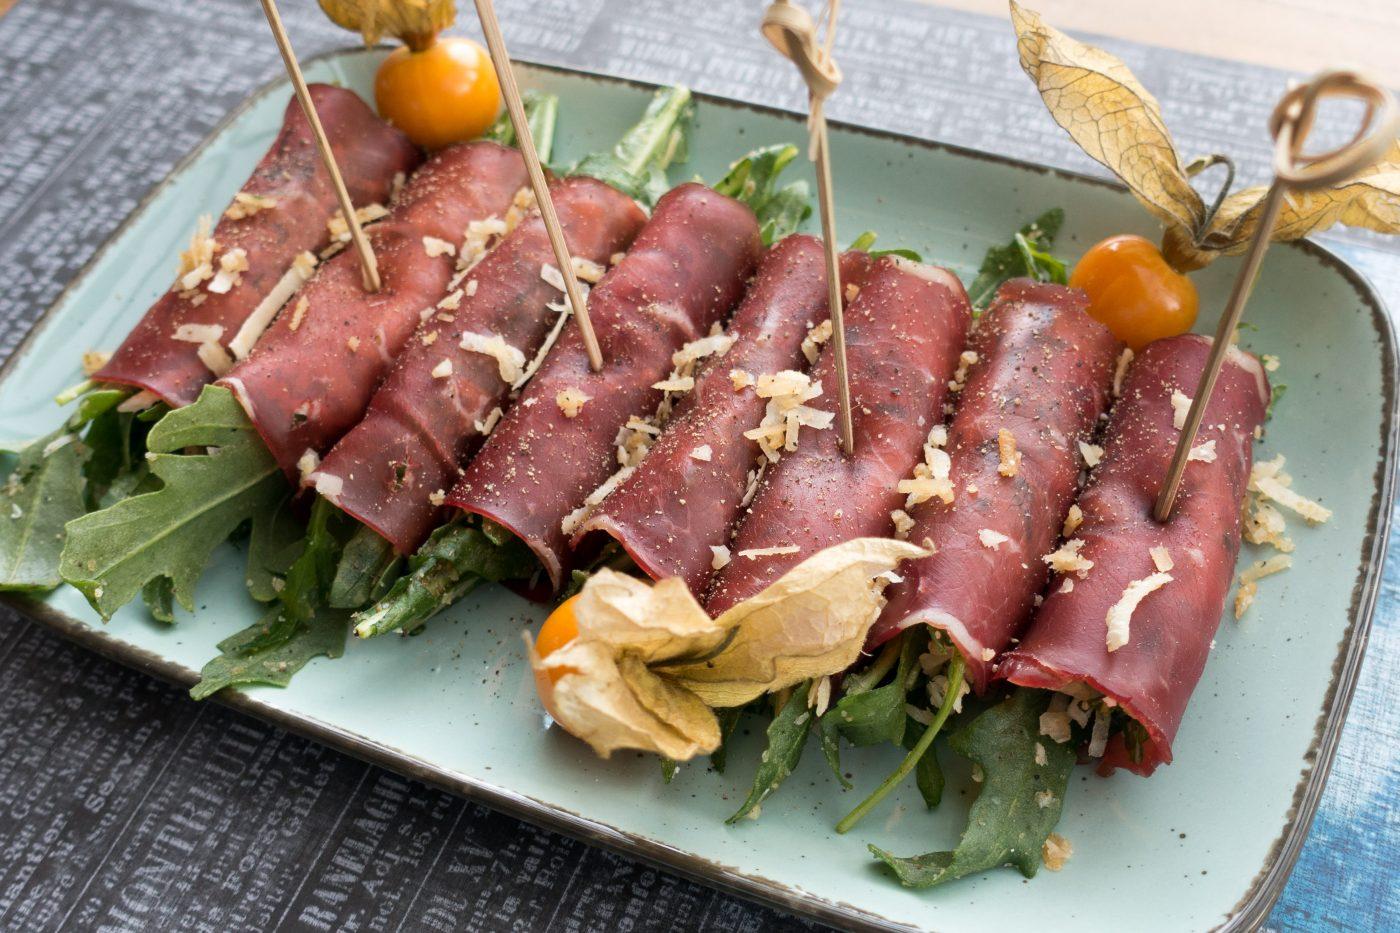 Ciccetti - Bresaola Röllchen mit Rucola und Käse gefüllt